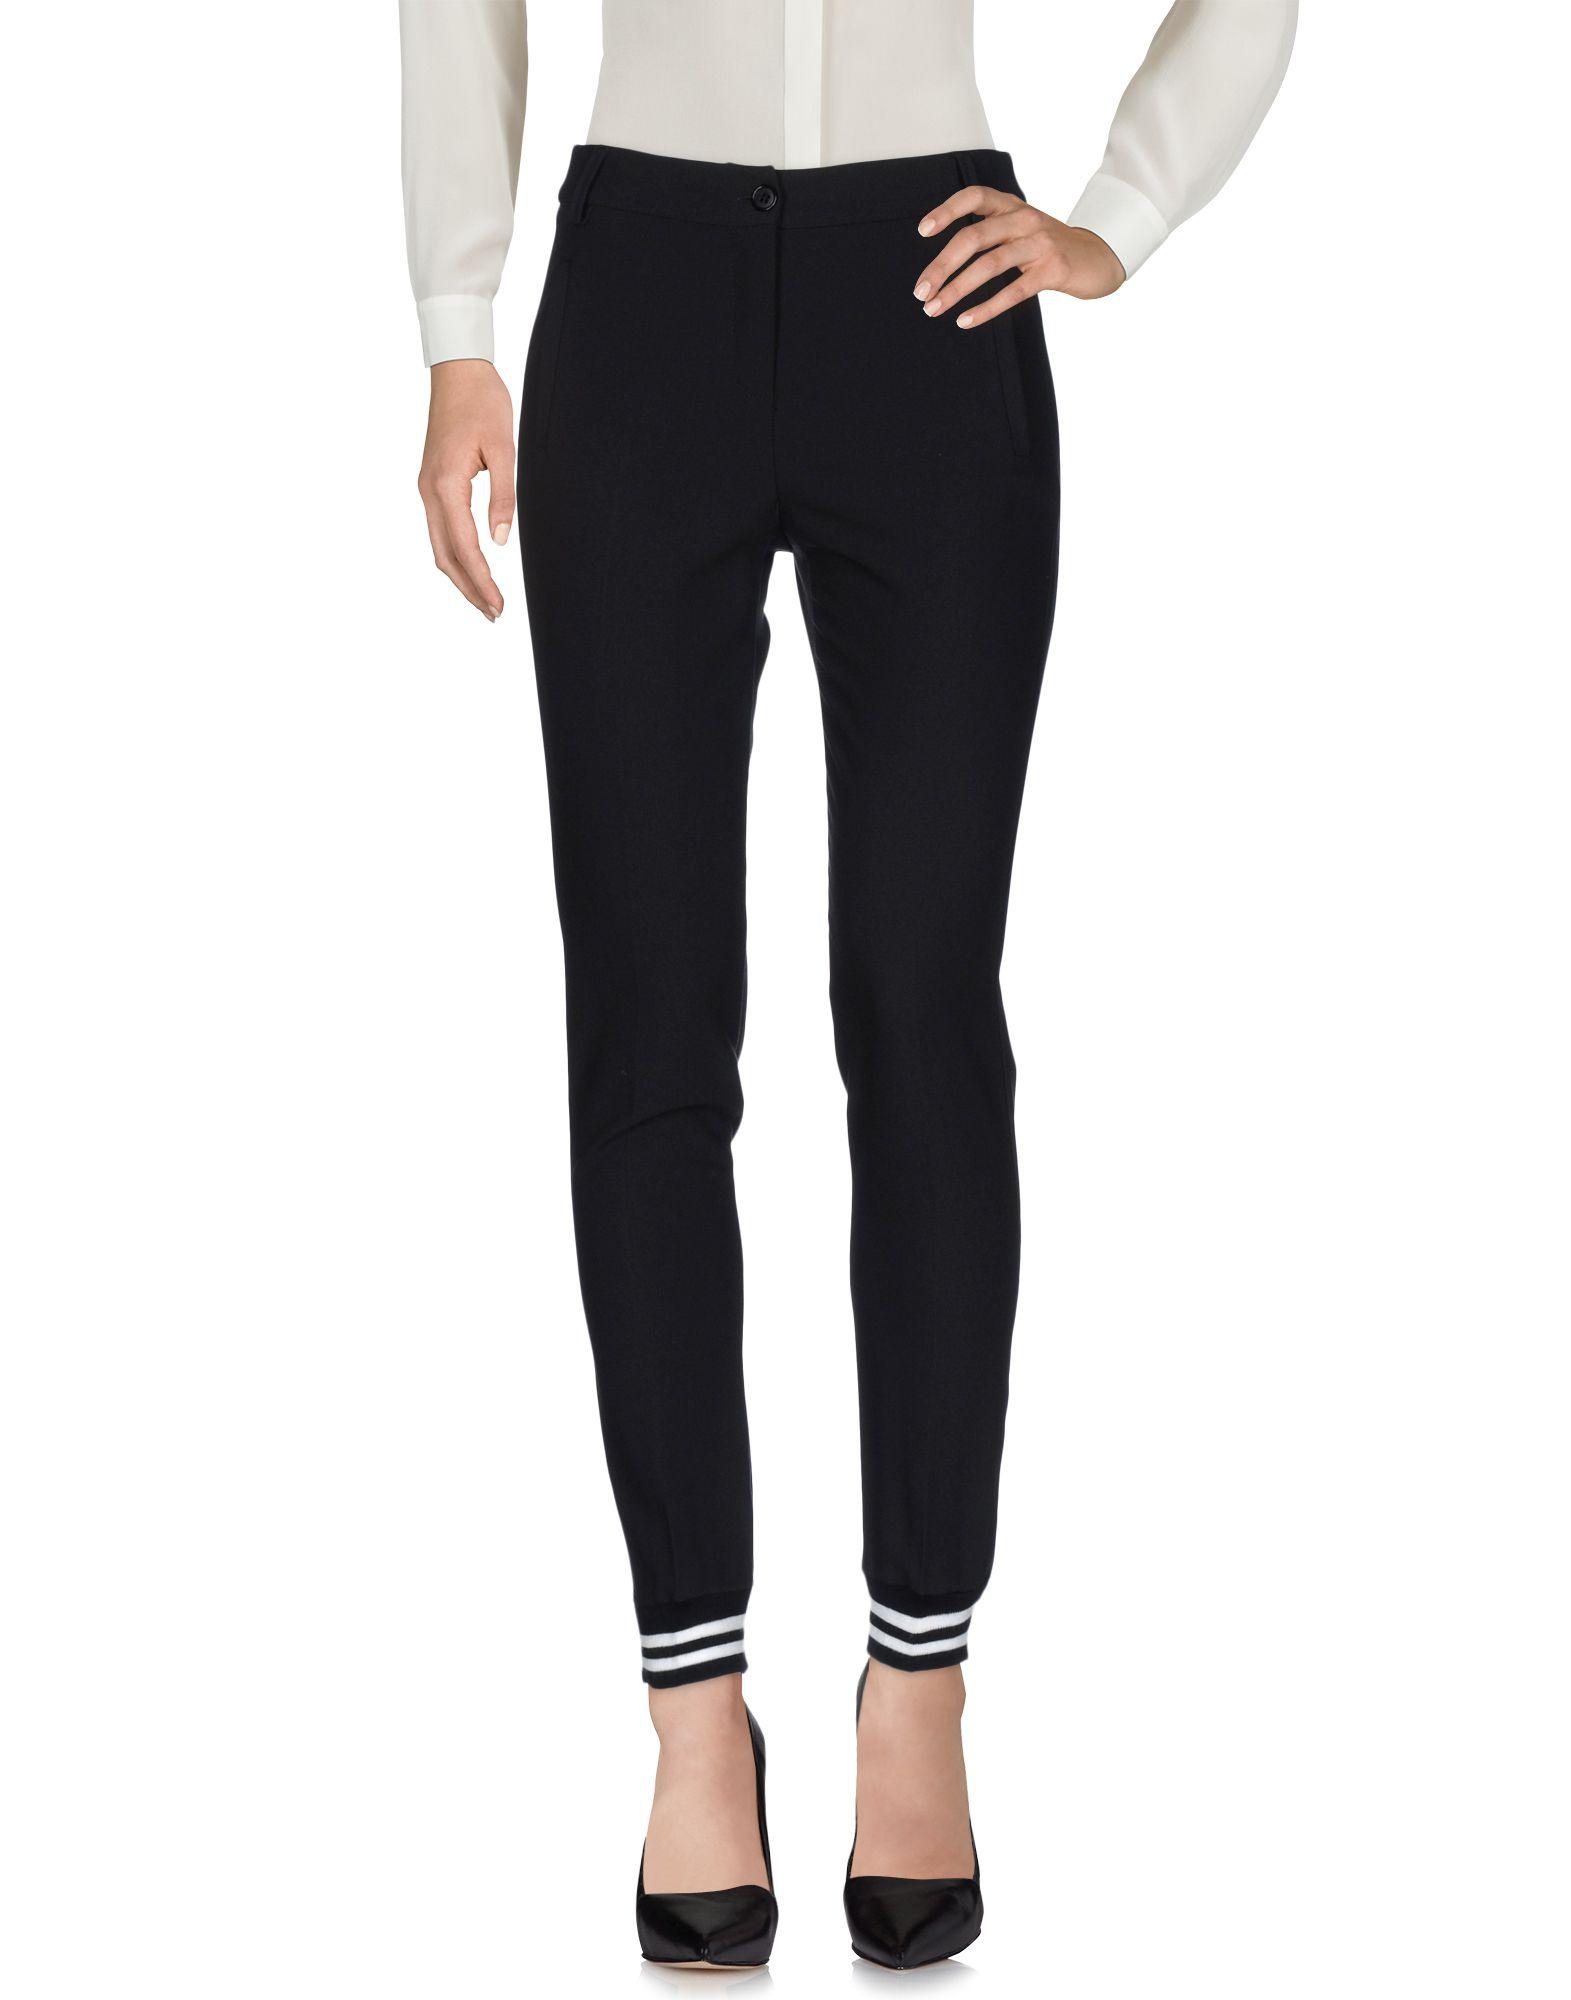 цены на MIA SULIMAN Повседневные брюки в интернет-магазинах